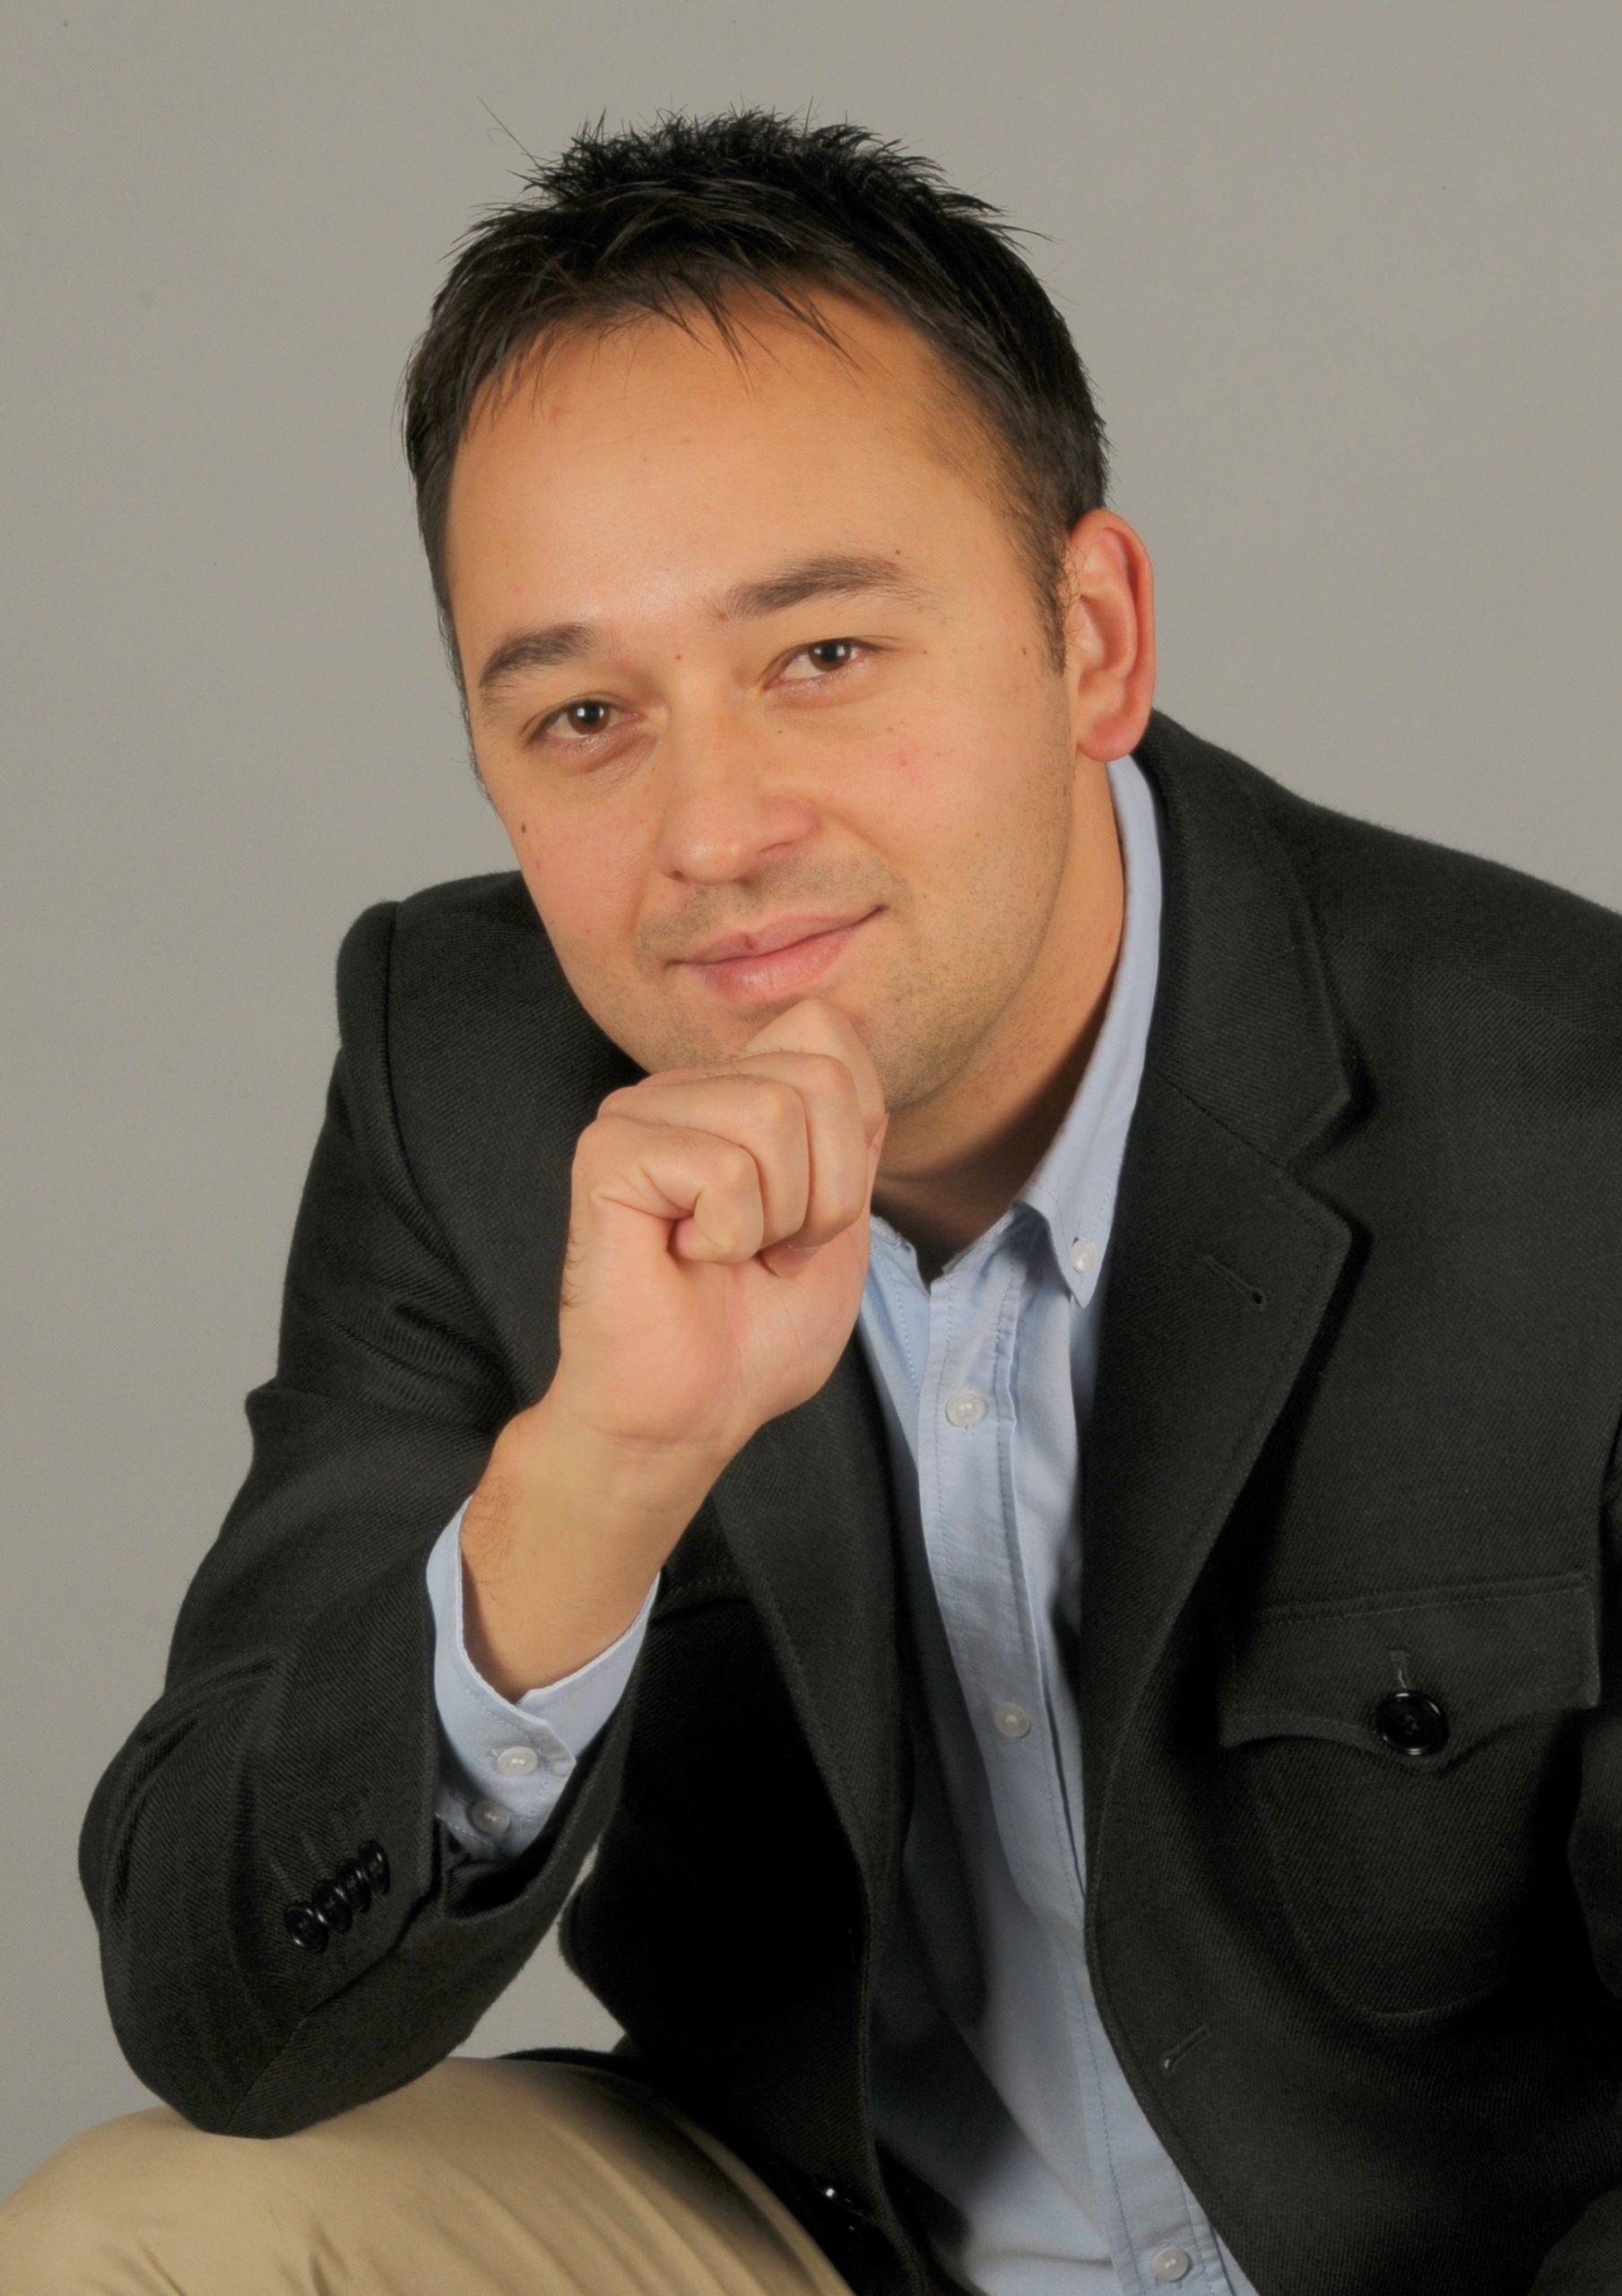 Sebastian Geldner